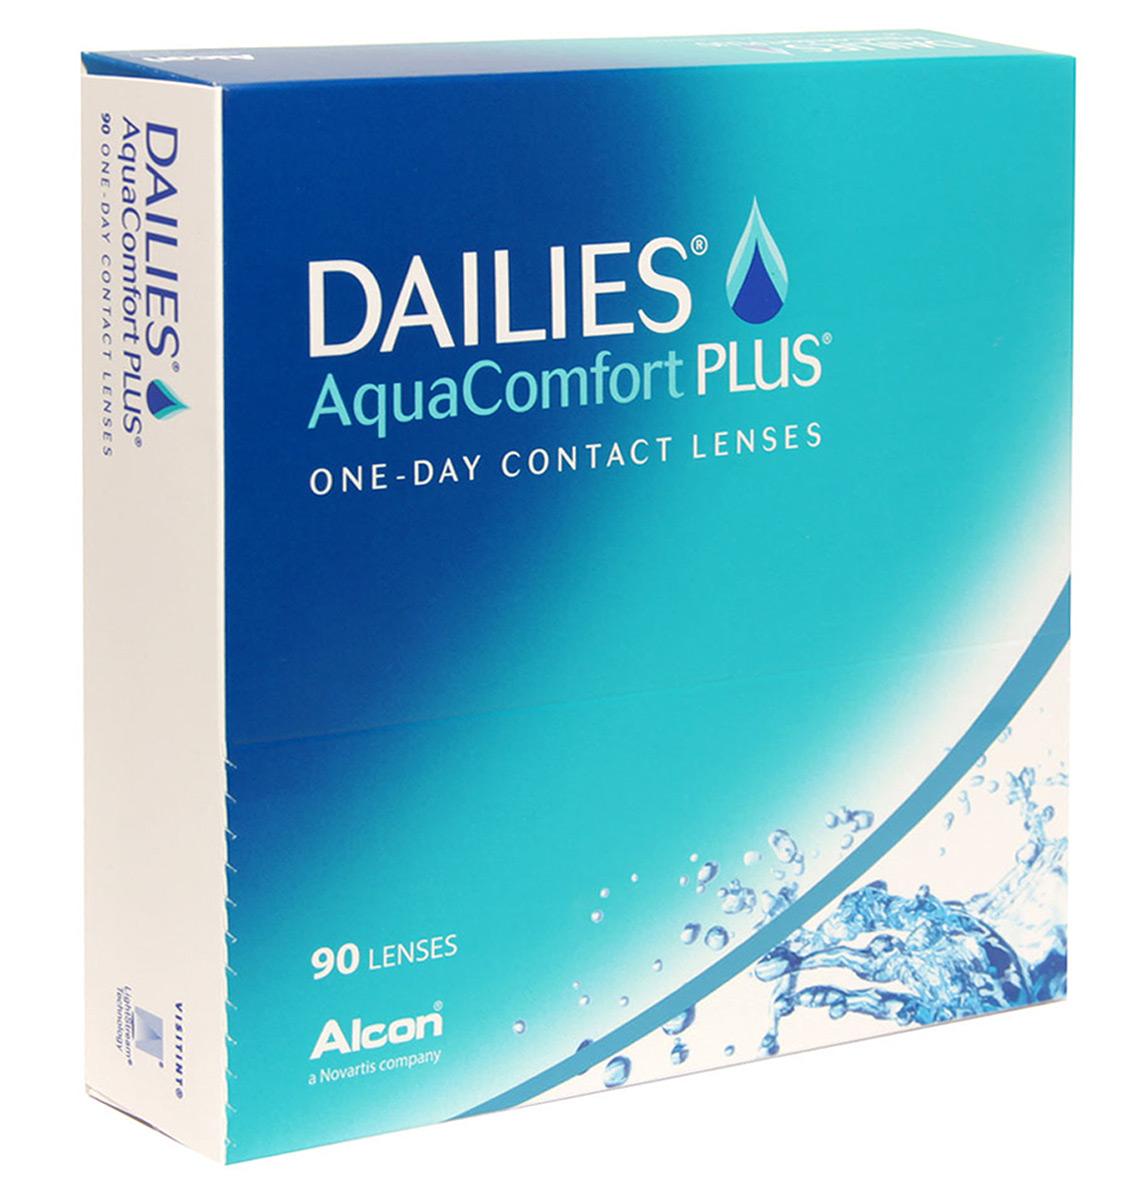 Alcon-CIBA Vision контактные линзы Dailies AquaComfort Plus (90шт / 8.7 / 14.0 / -2.50)38374Dailies AquaComfort Plus - это одни из самых популярных однодневных линз производства компании Ciba Vision. Эти линзы пользуются огромной популярностью во всем мире и являются на сегодняшний день самыми безопасными контактными линзами. Изготавливаются линзы из современного, 100% безопасного материала нелфилкон А. Особенность этого материала в том, что он легко пропускает воздух и хорошо сохраняет влагу. Однодневные контактные линзы Dailies AquaComfort Plus не нуждаются в дополнительном уходе и затратах, каждый день вы надеваете свежую пару линз. Дизайн линзы биосовместимый, что гарантирует безупречный комфорт. Самое главное достоинство Dailies AquaComfort Plus - это их уникальная система увлажнения. Благодаря этой разработке линзы увлажняются тремя различными агентами. Первый компонент, ухаживающий за линзами, находится в растворе, он как бы обволакивает линзу, обеспечивая чрезвычайно комфортное надевание. Второй агент выделяется на протяжении всего дня, он...